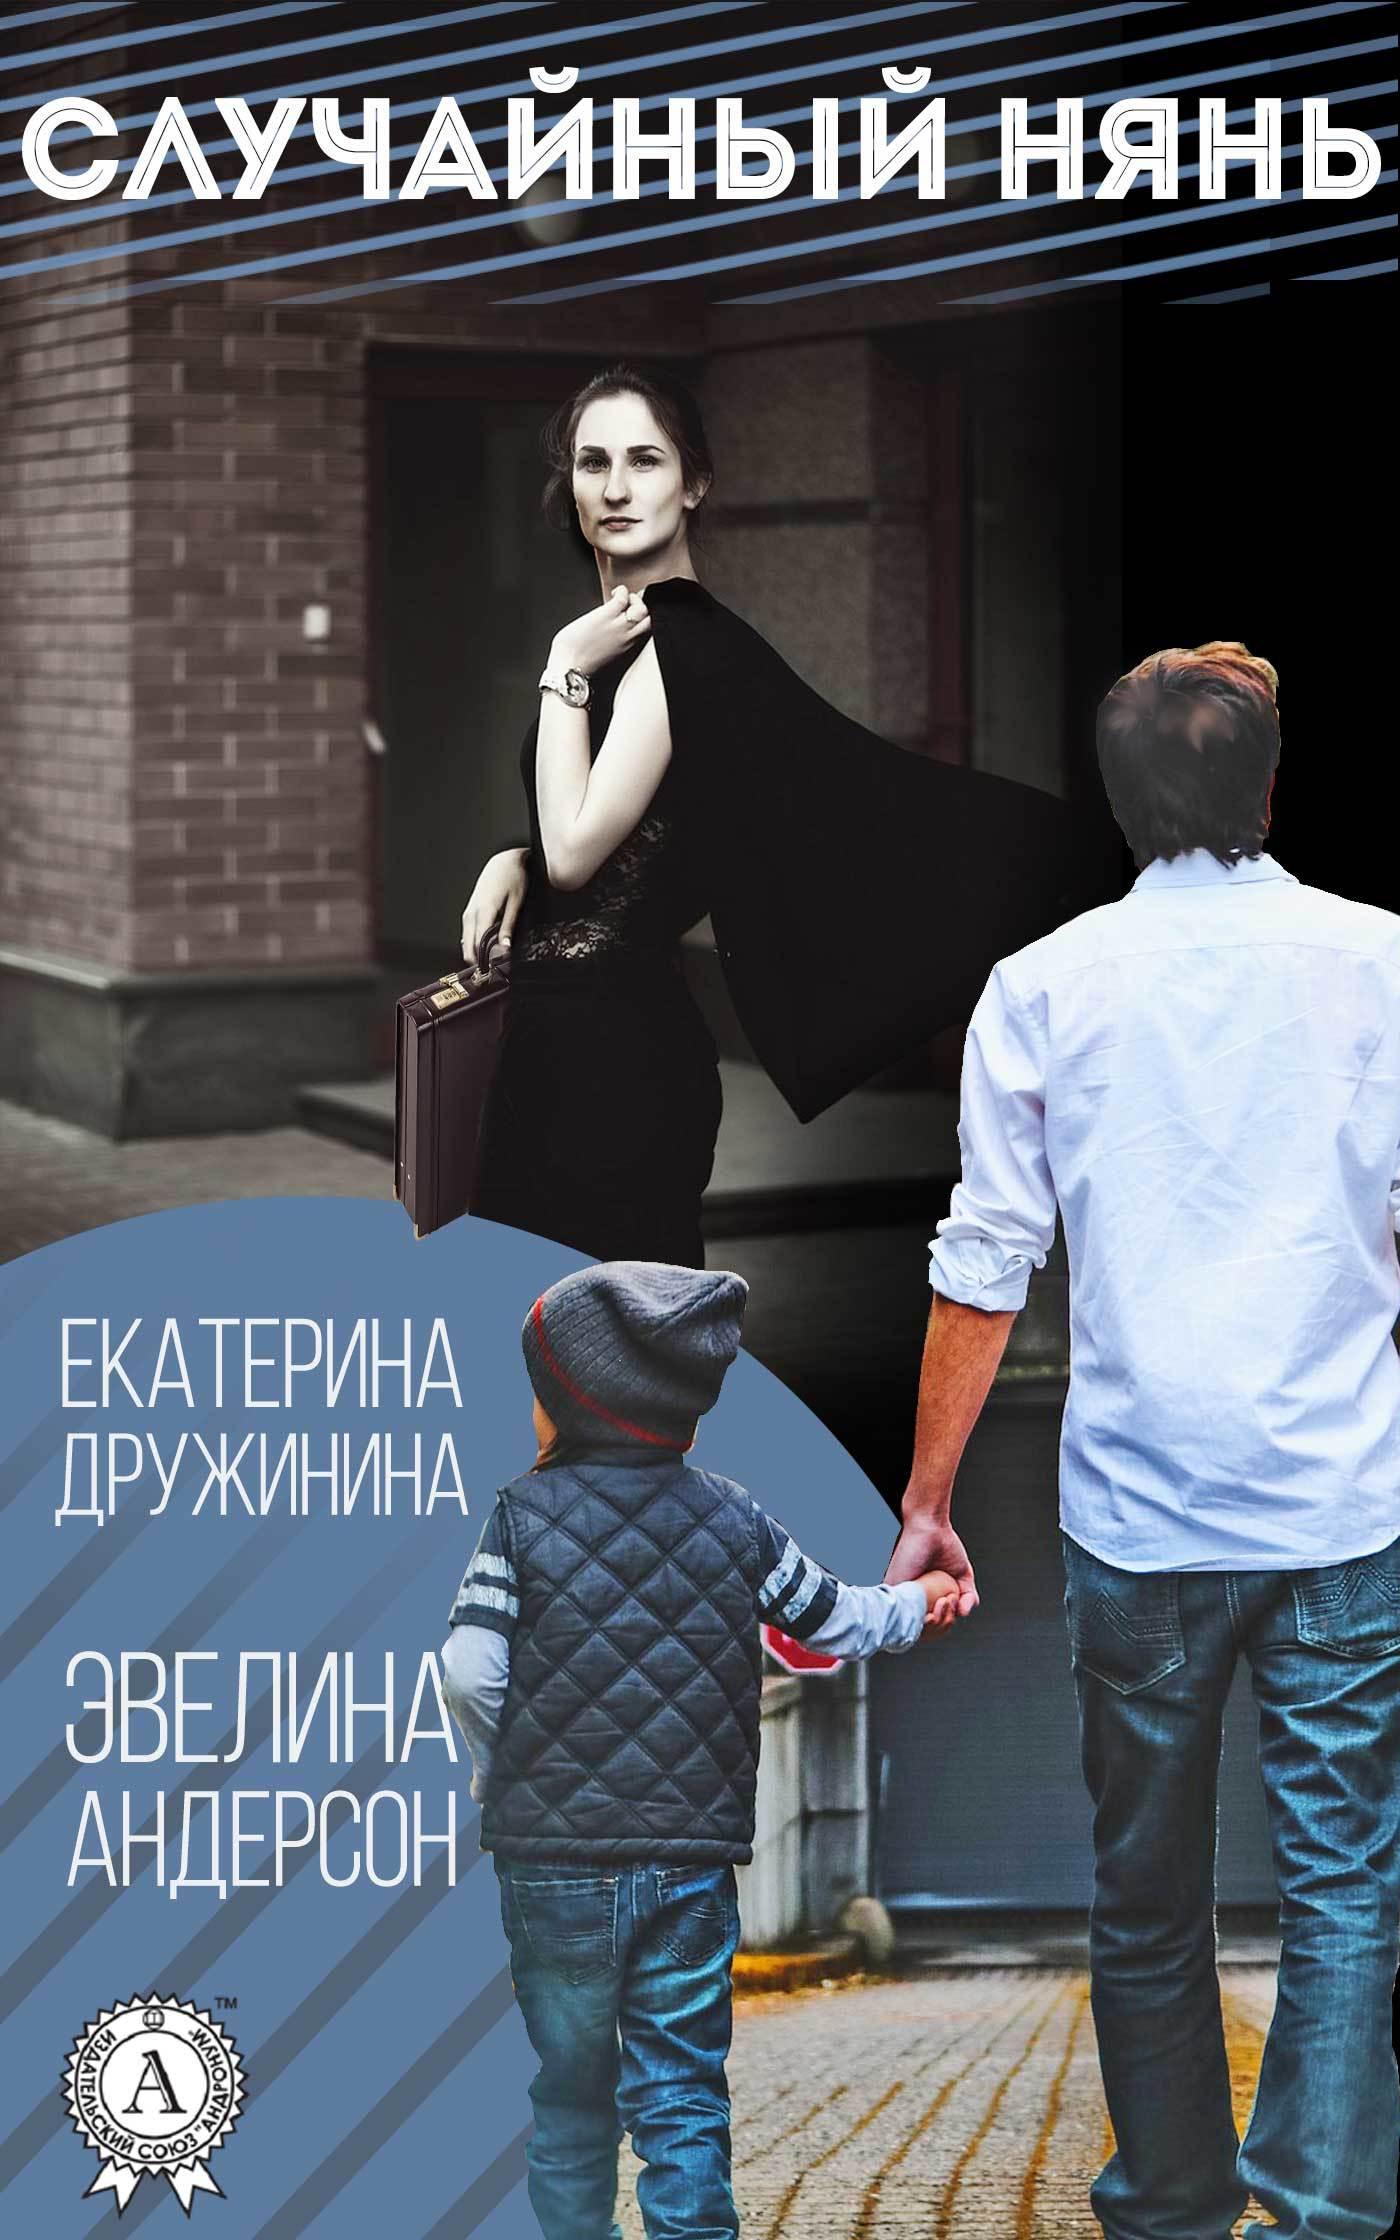 Екатерина Дружинина Случайный нянь мария чернышова нежданная любовь